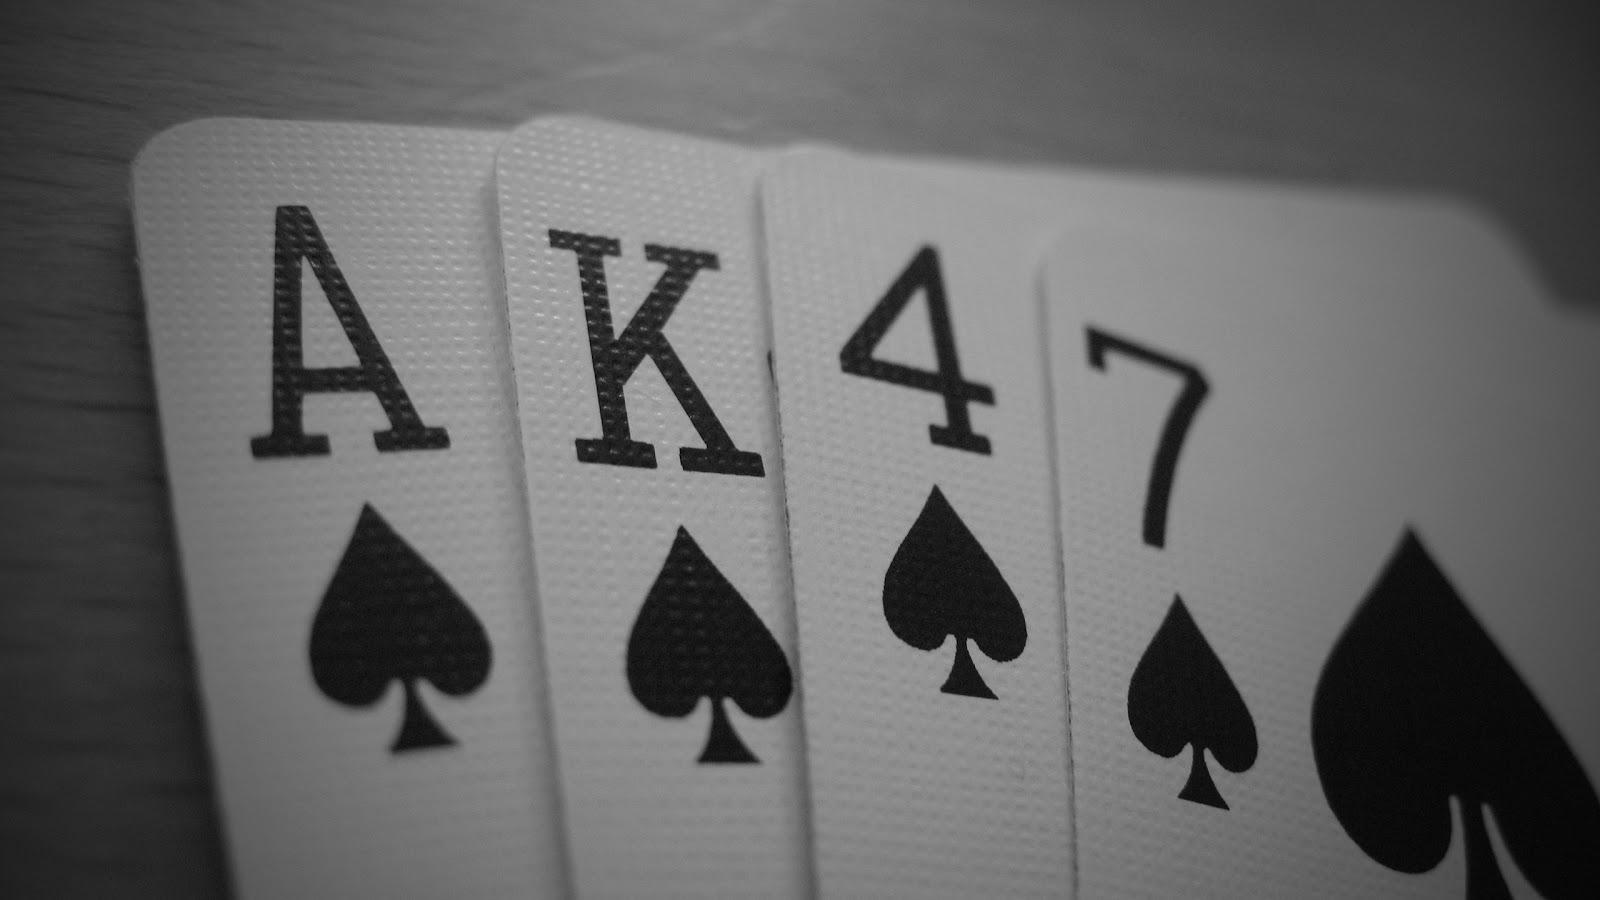 http://3.bp.blogspot.com/-fGScWEPoT1M/Th4IIt1et9I/AAAAAAAAIOU/4Ns9PPR8h-E/s1600/ak47-poker-cards-hd-wallpaper-spade.jpg